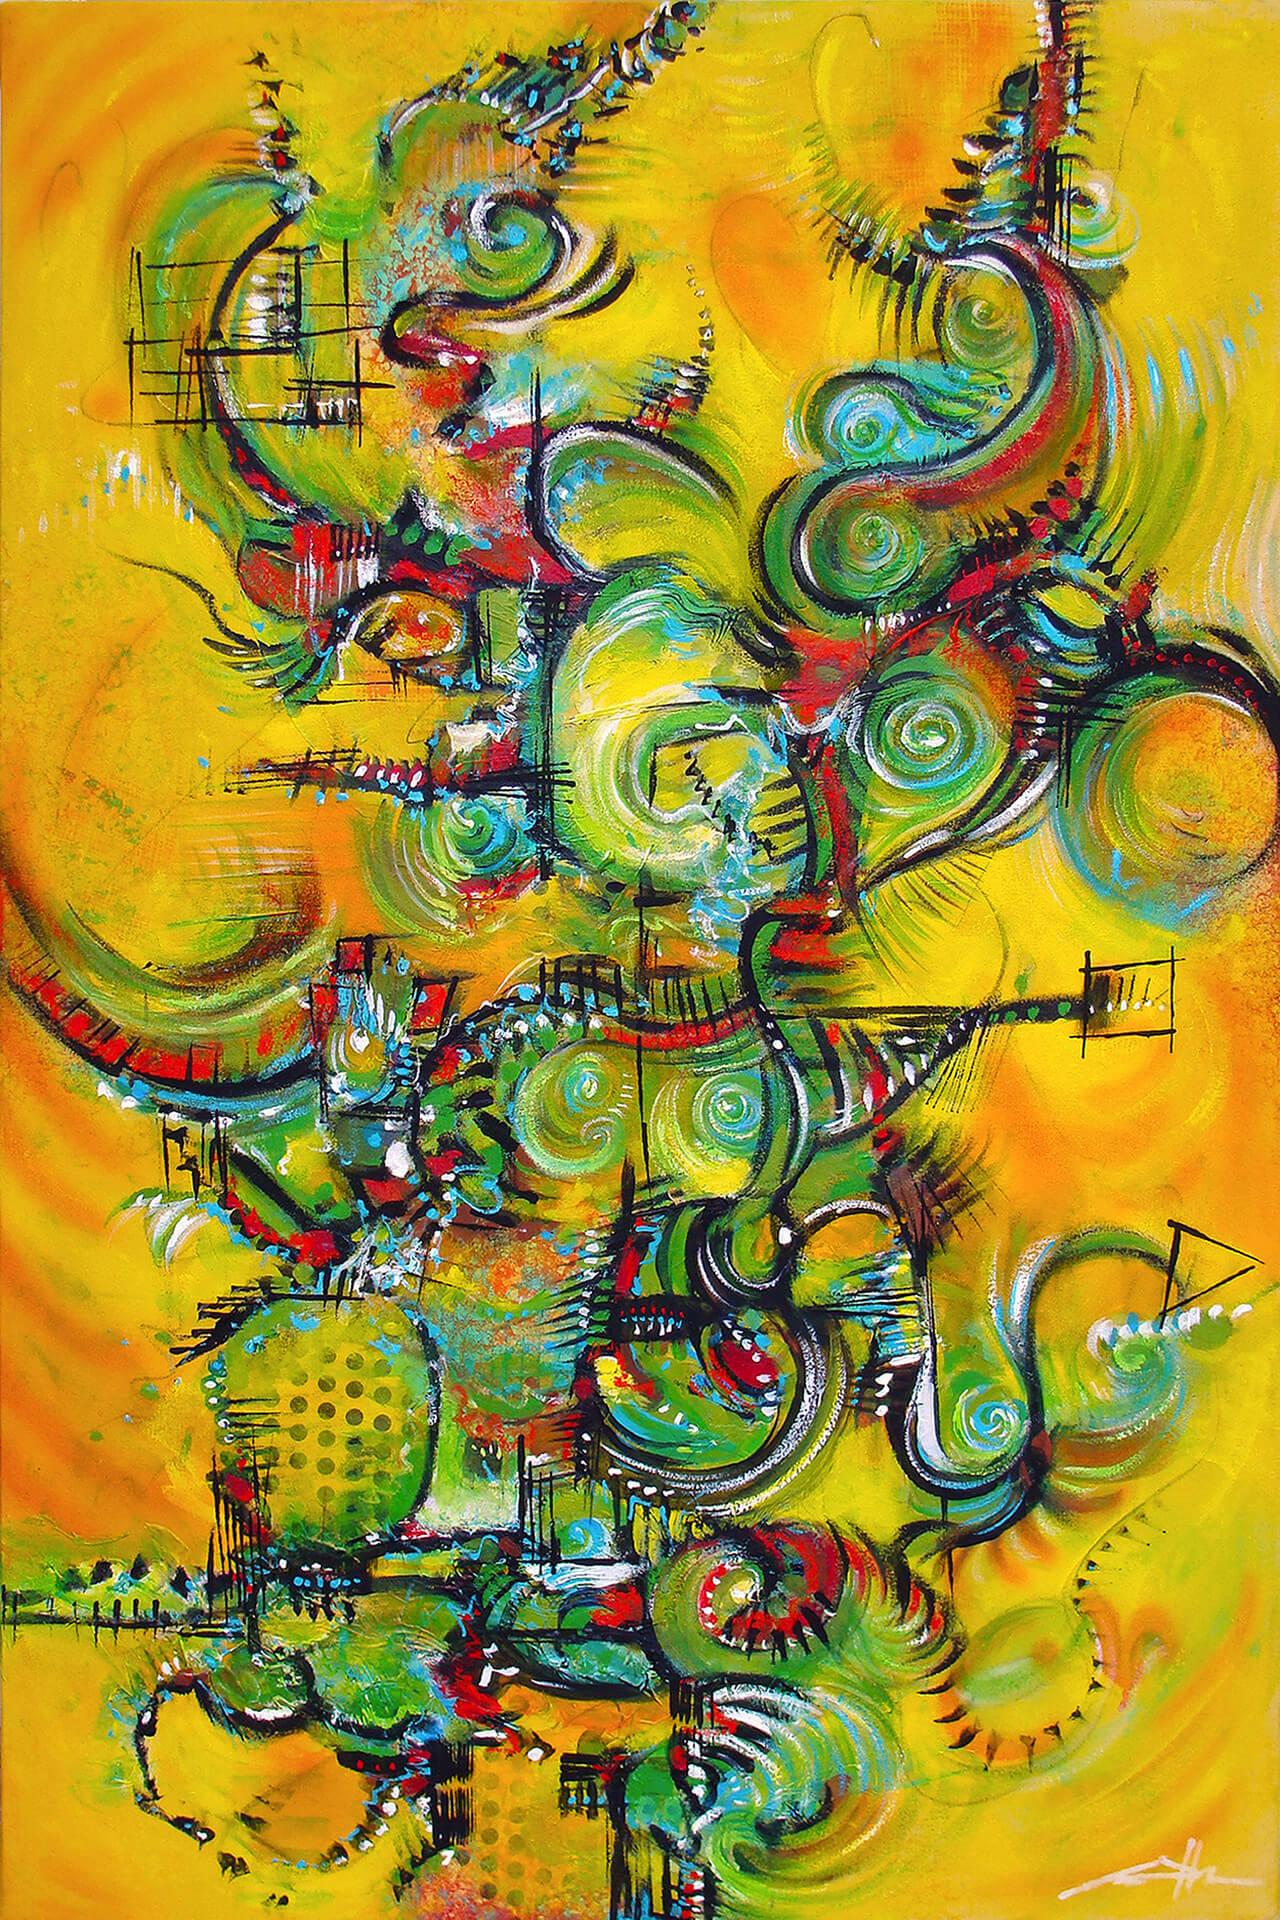 art-eric-j-hughes-artiste-peintre-canadien-tableau-delirium-dragoncitronlime